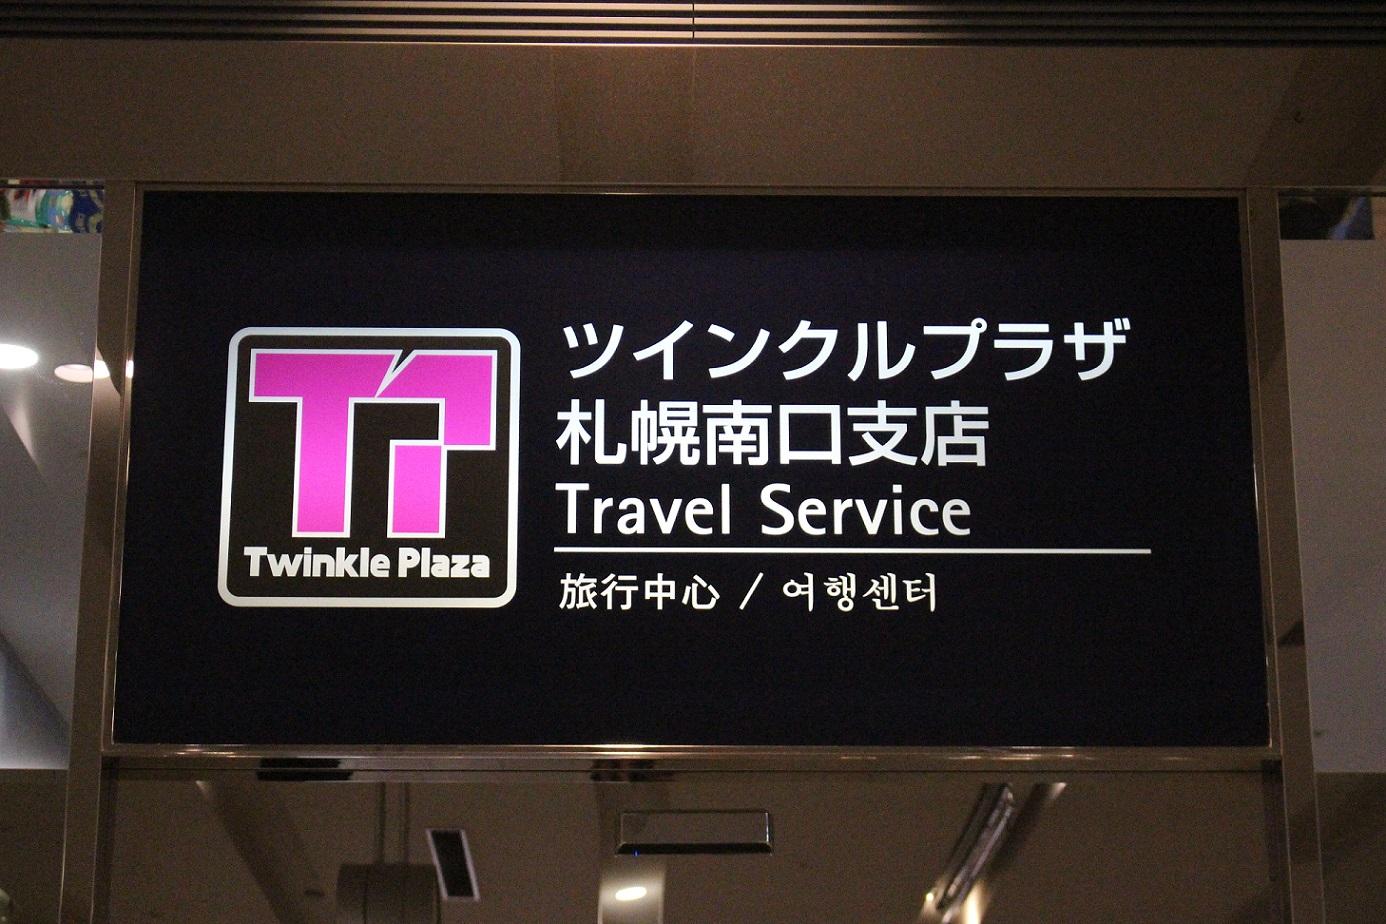 札幌地区駅n04(ツインクルプラザ)